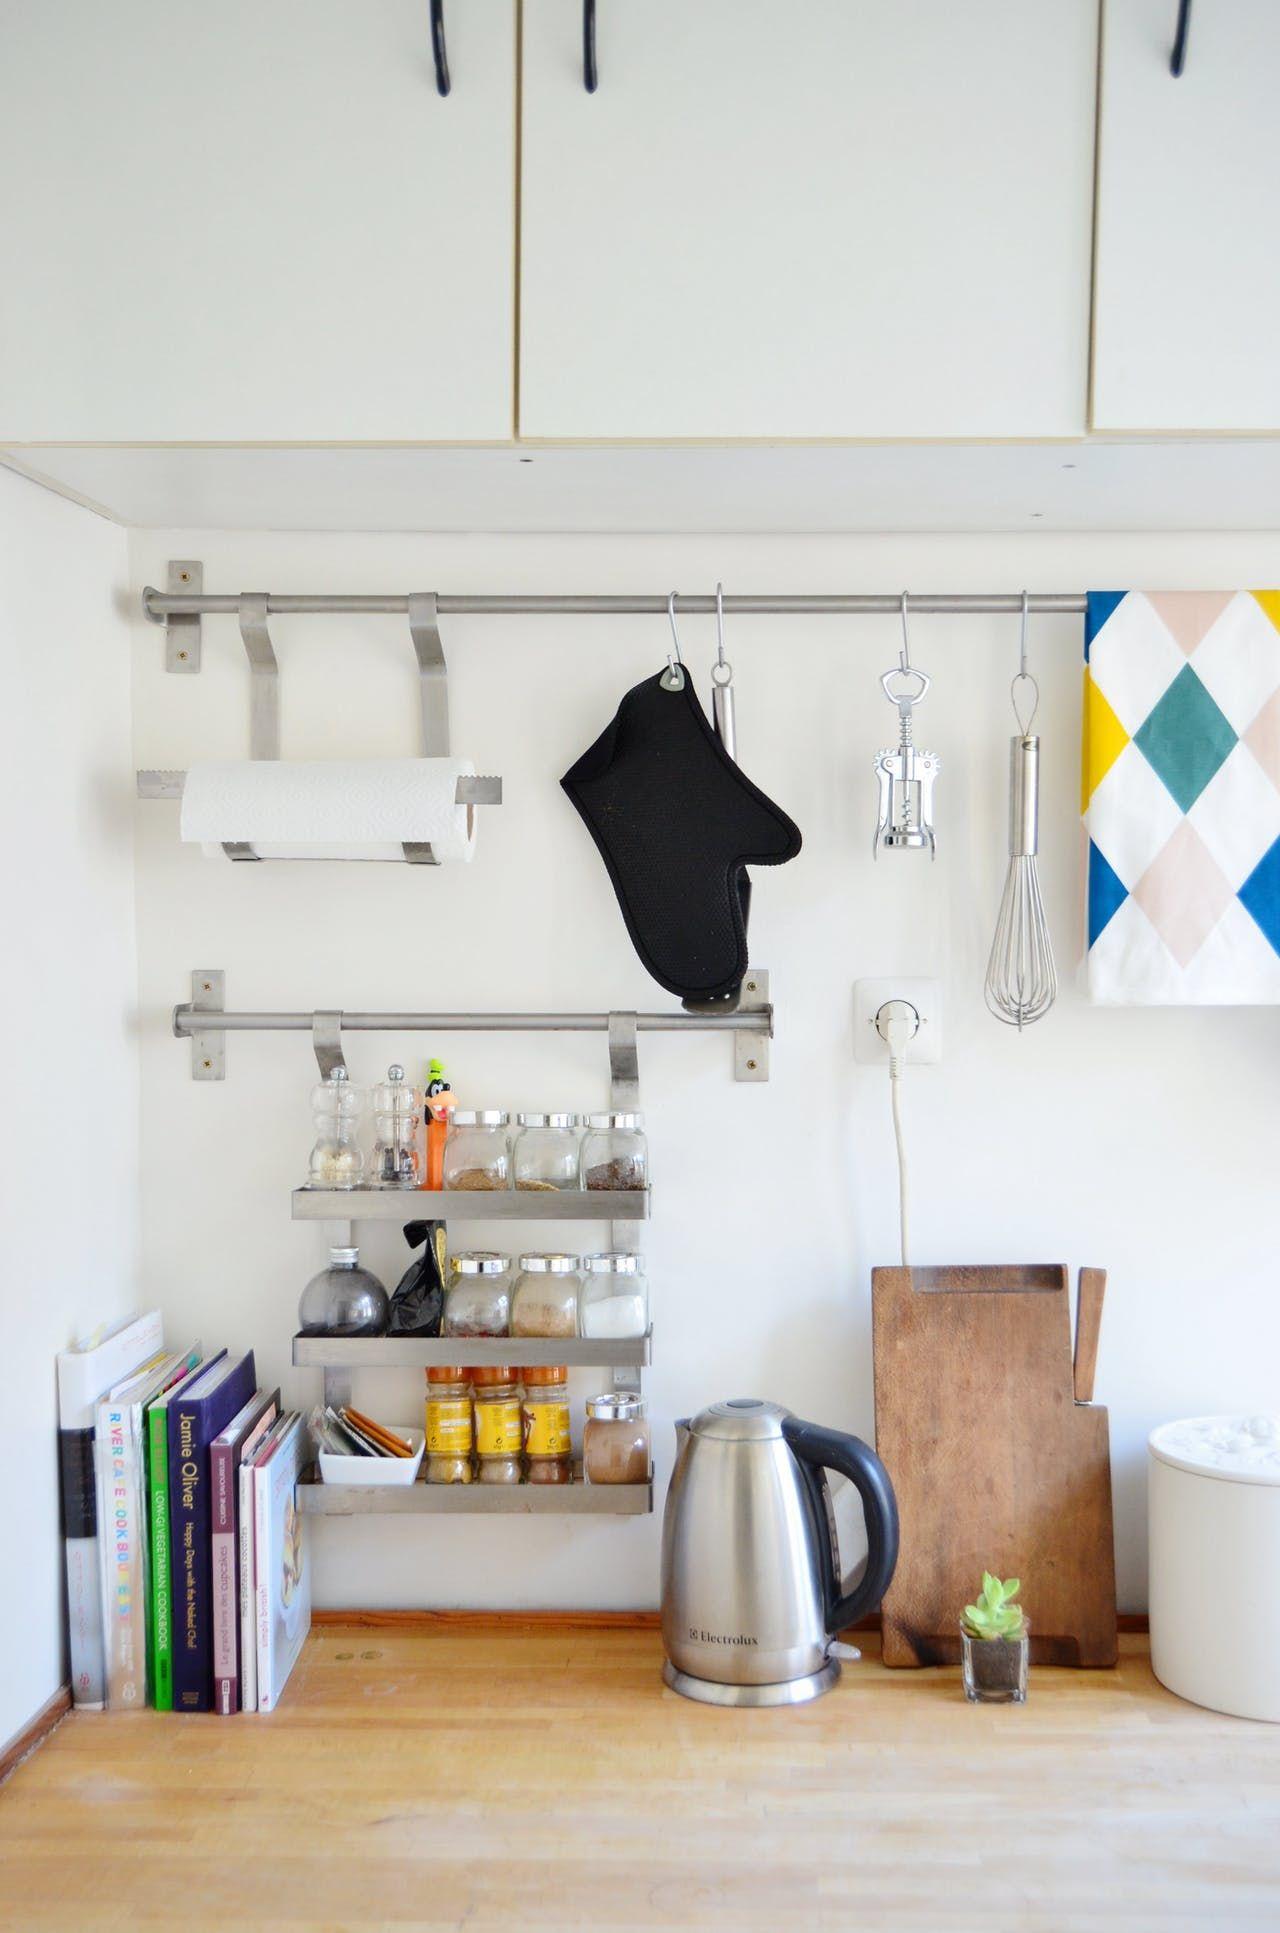 Kim S Sunny Small Space In Paris Cuisines Petit Stockage